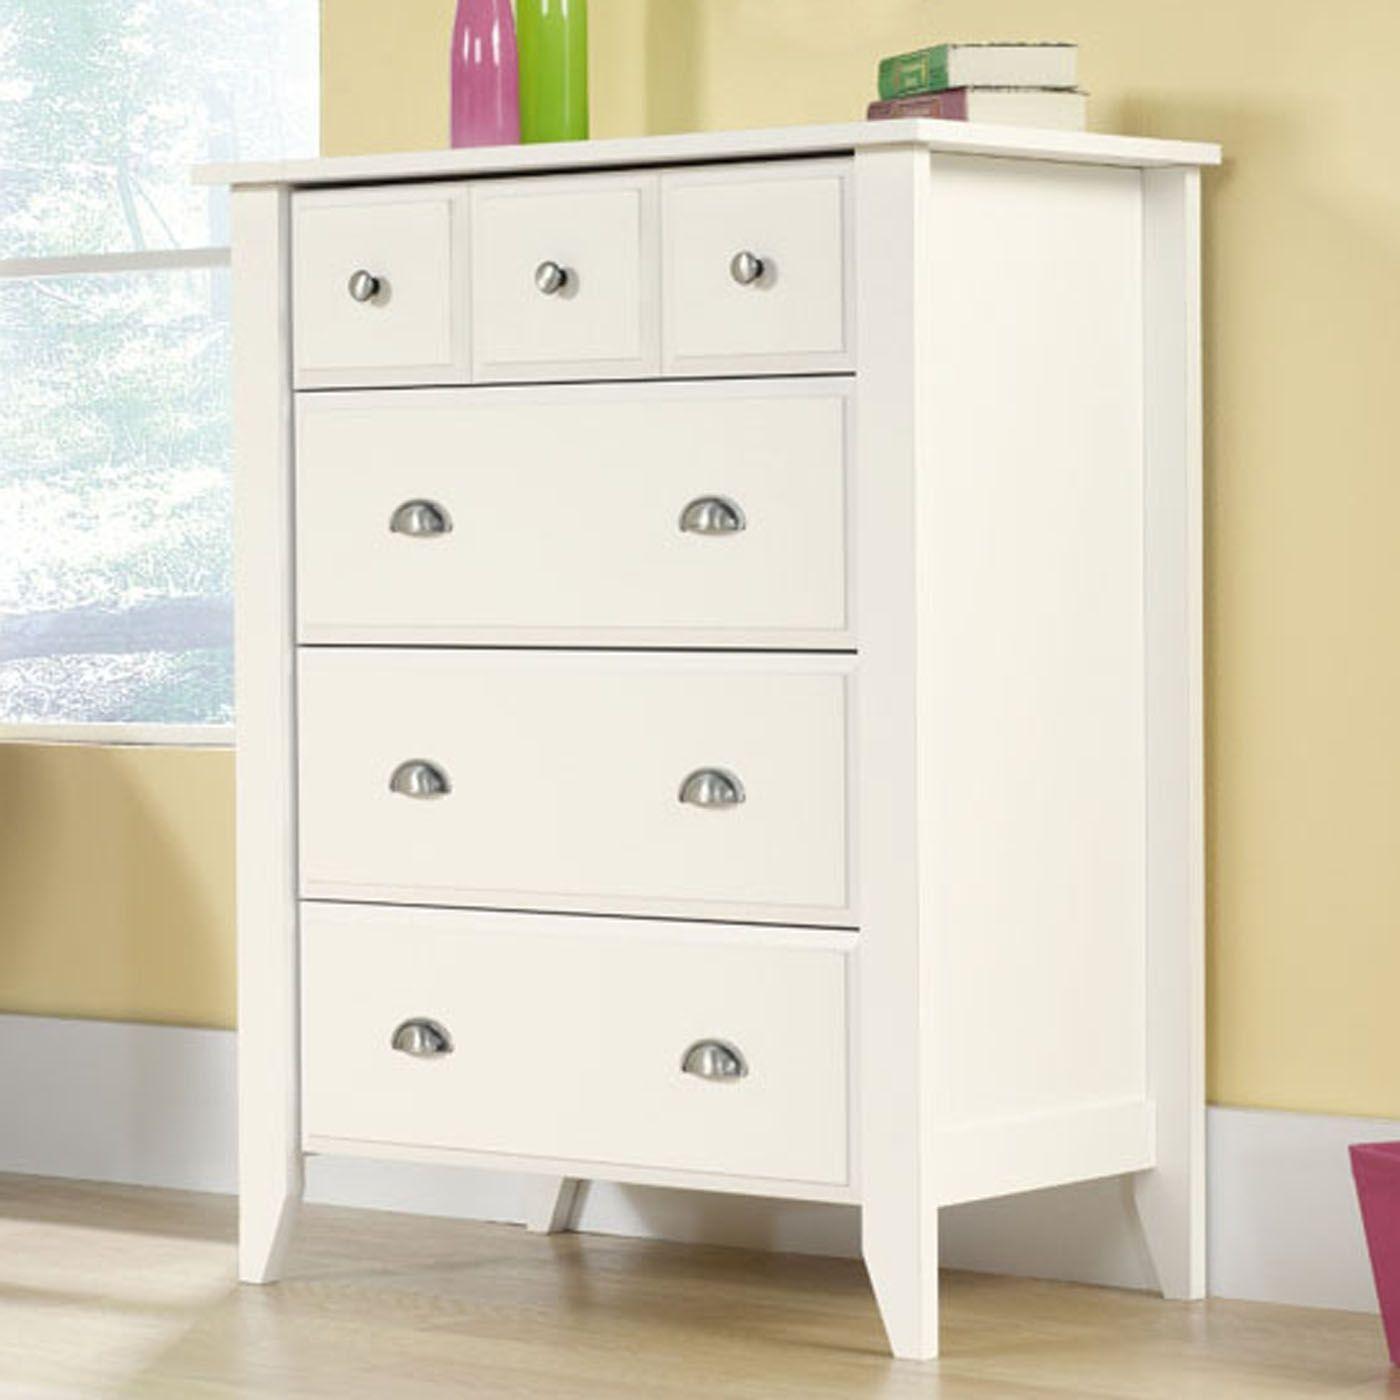 Dressers Shopko Com 129 99 White Chests Furniture Deals White Dresser